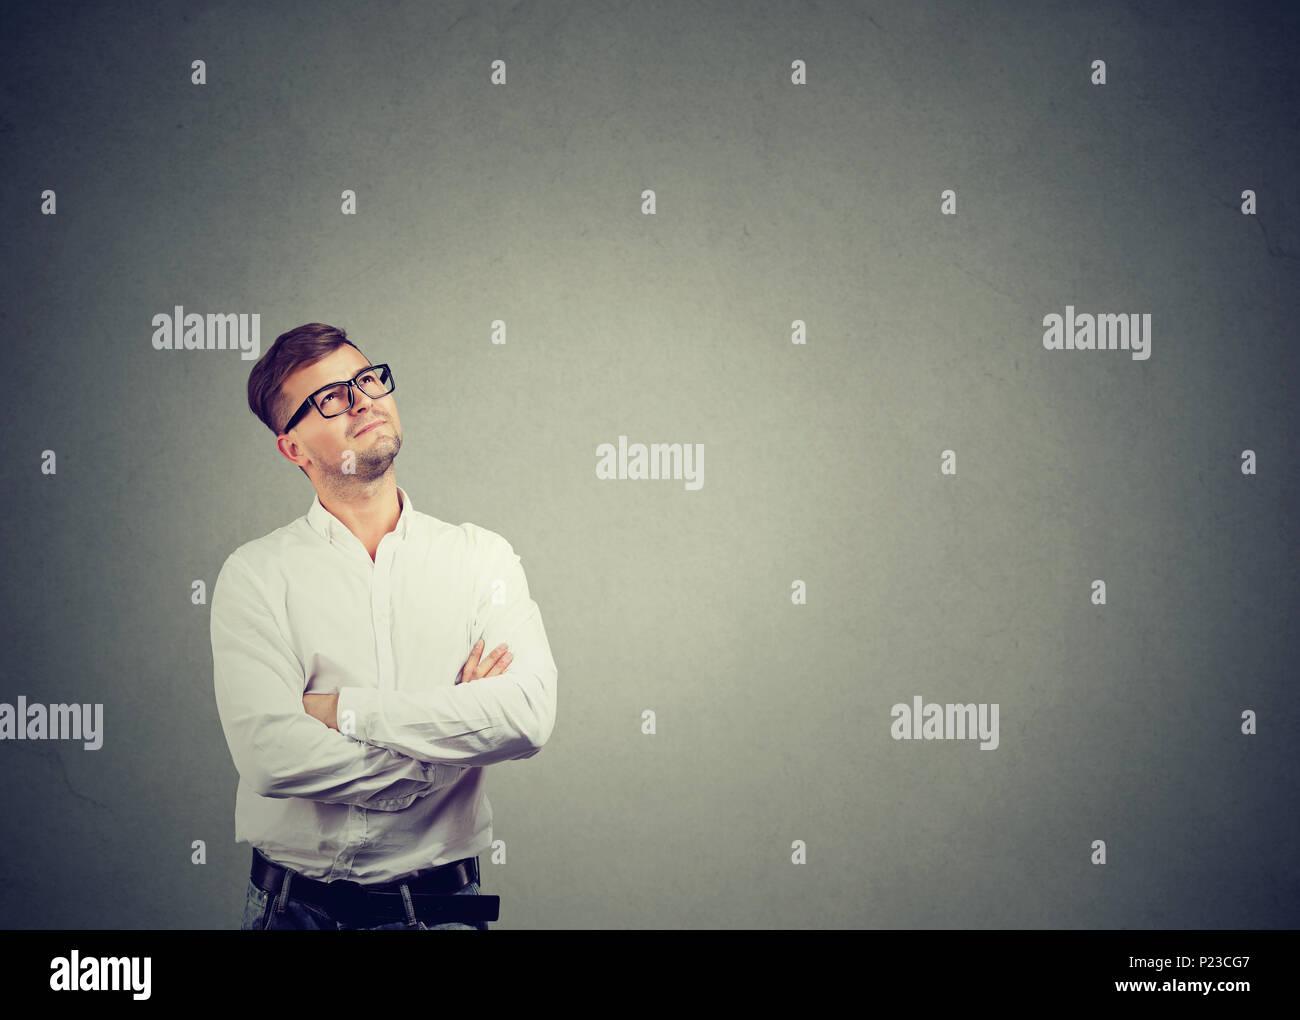 Schöner Mann im weißen Hemd und Brille suchen und Träumen träumen von Karriere. Stockbild